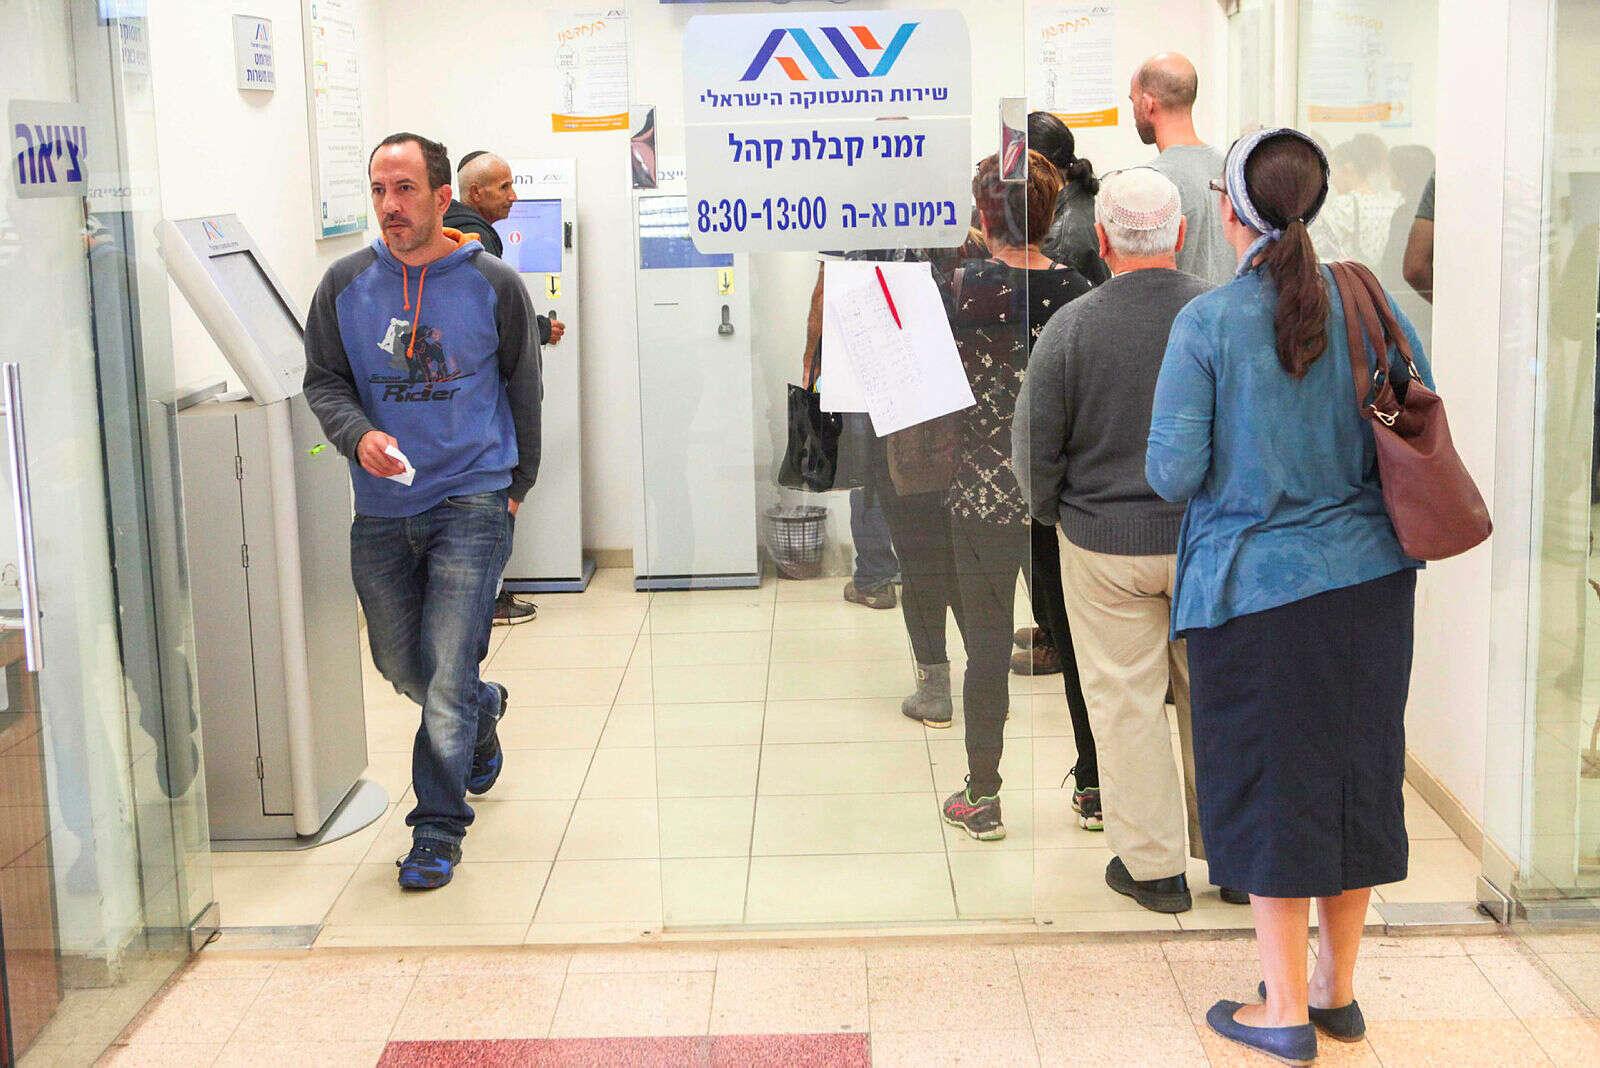 המשבר במשק מחריף: יותר ממיליון מובטלים בישראל - כרבע מהמועסקים